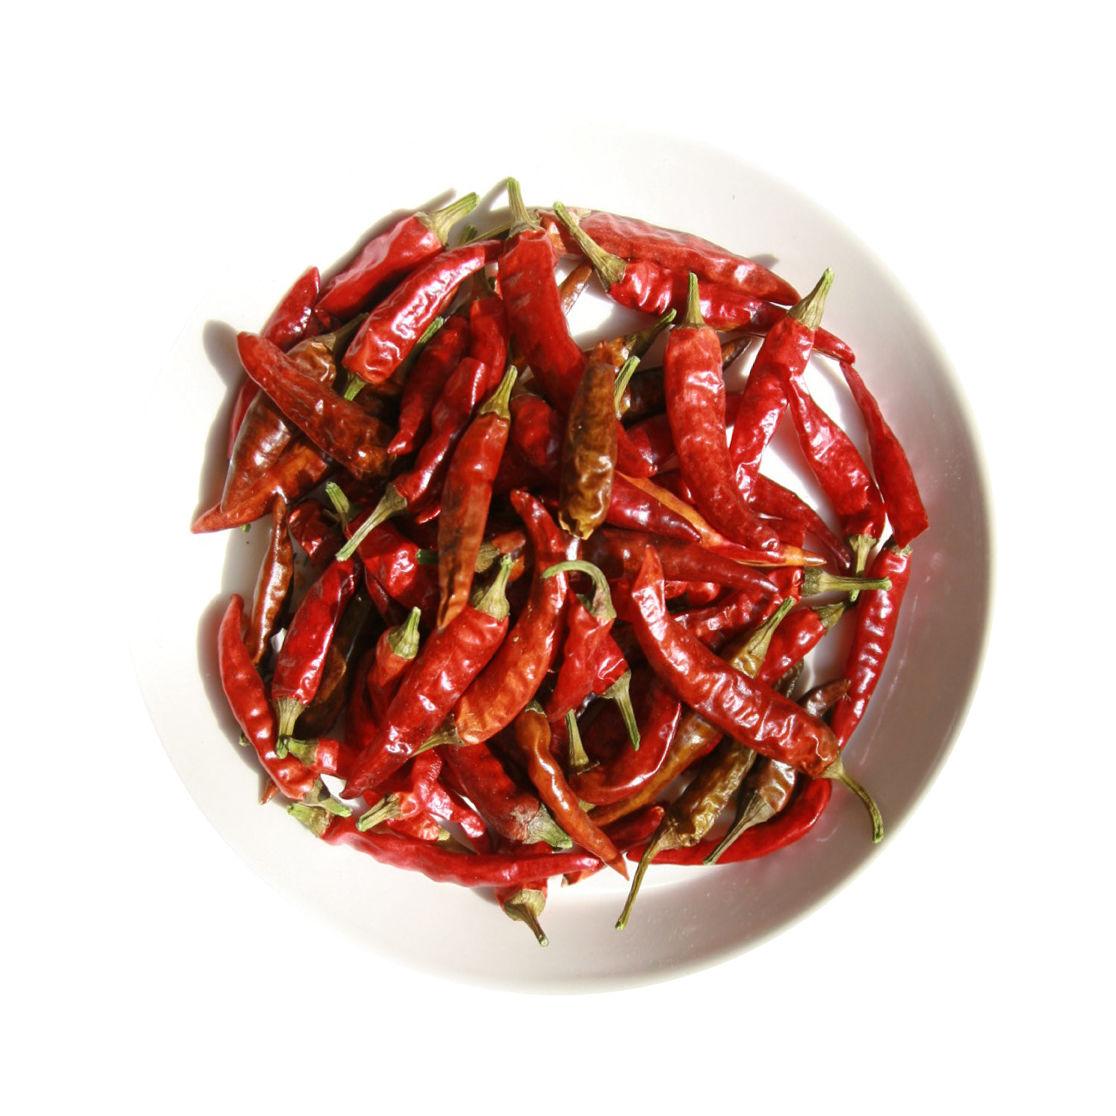 【食】 完全無農薬 おぐにの自然栽培「赤唐辛子」20g(熊本県小国町産 数量限定)